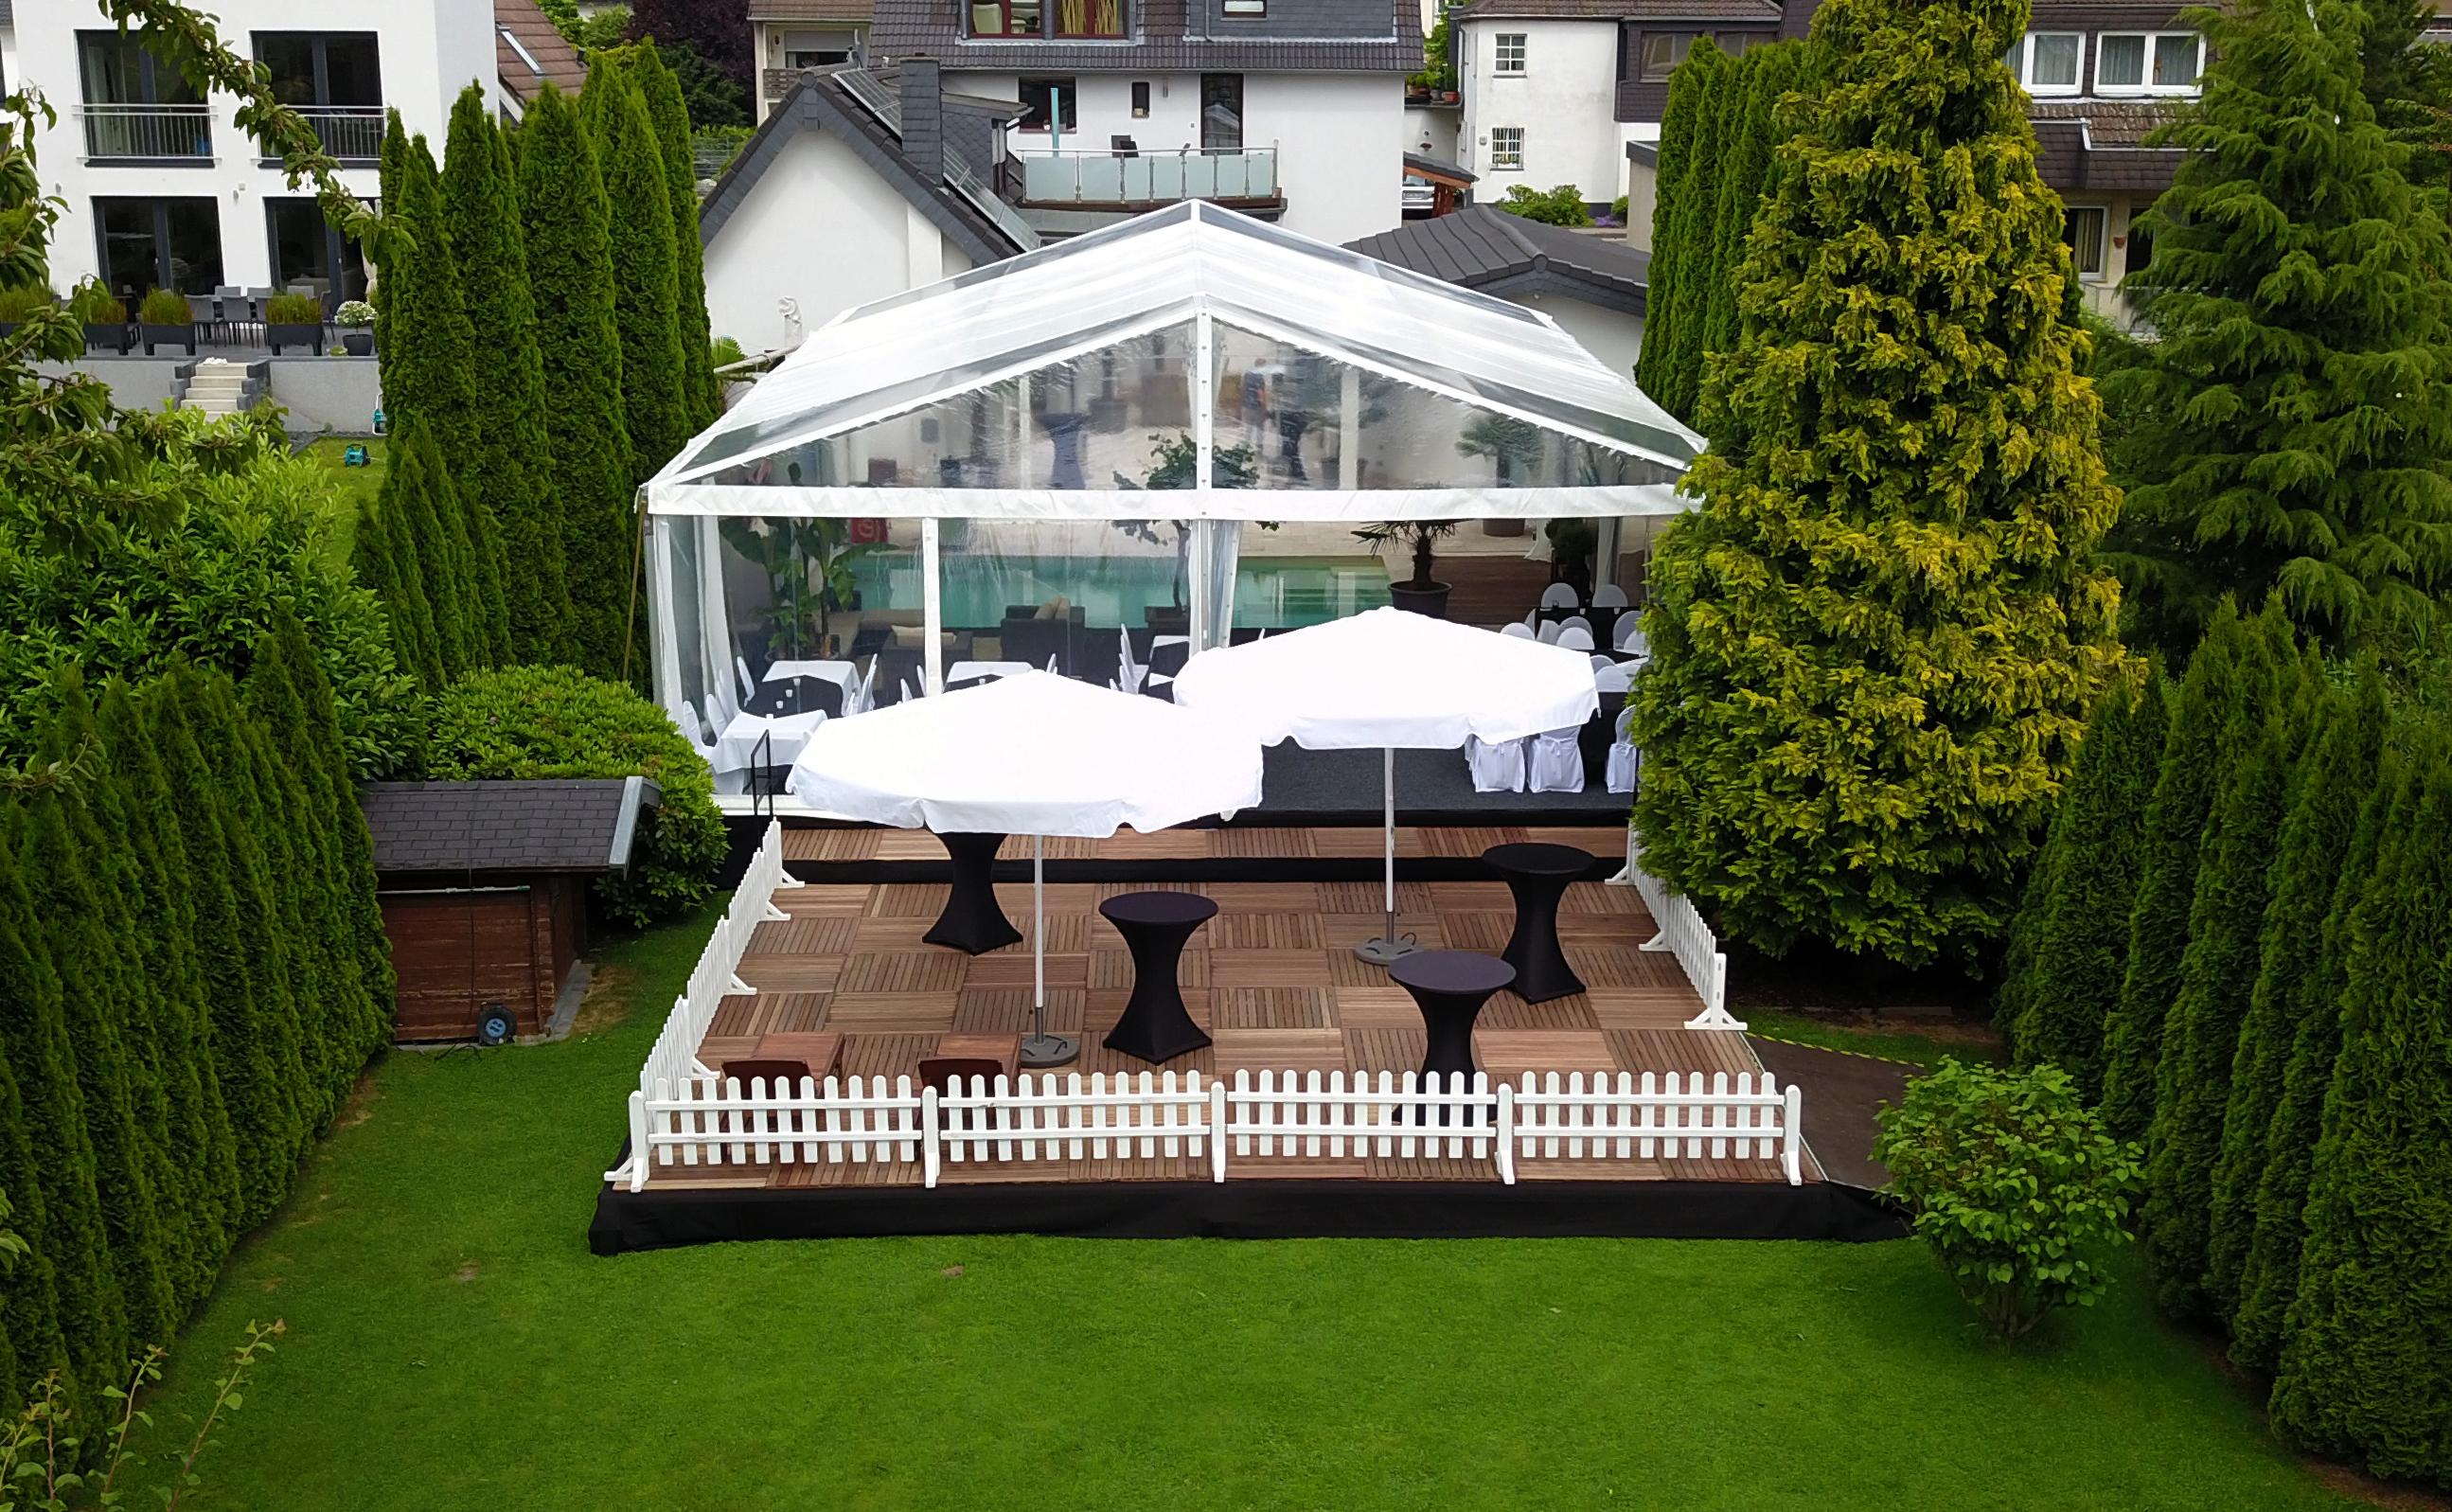 hochzeit-im-garten-hochzeitszelt-mit-terasse-mit-einer-pool-überdachung